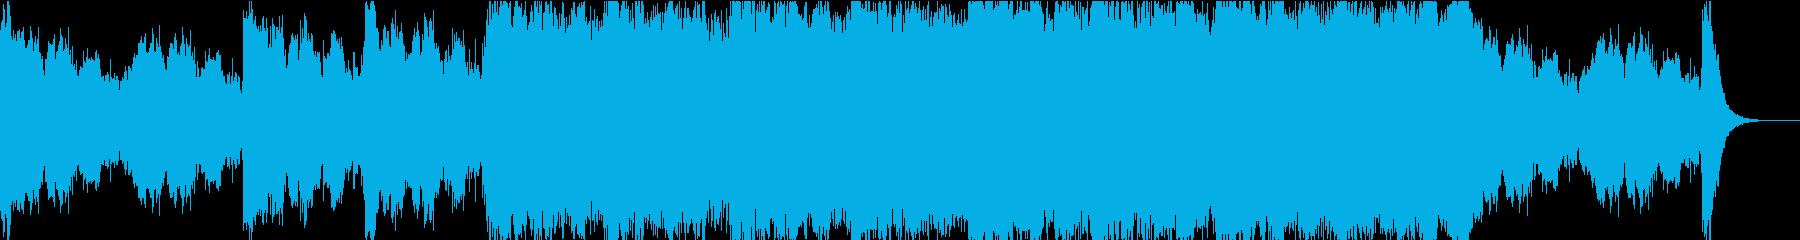 オープニング音楽に適したBGMの再生済みの波形